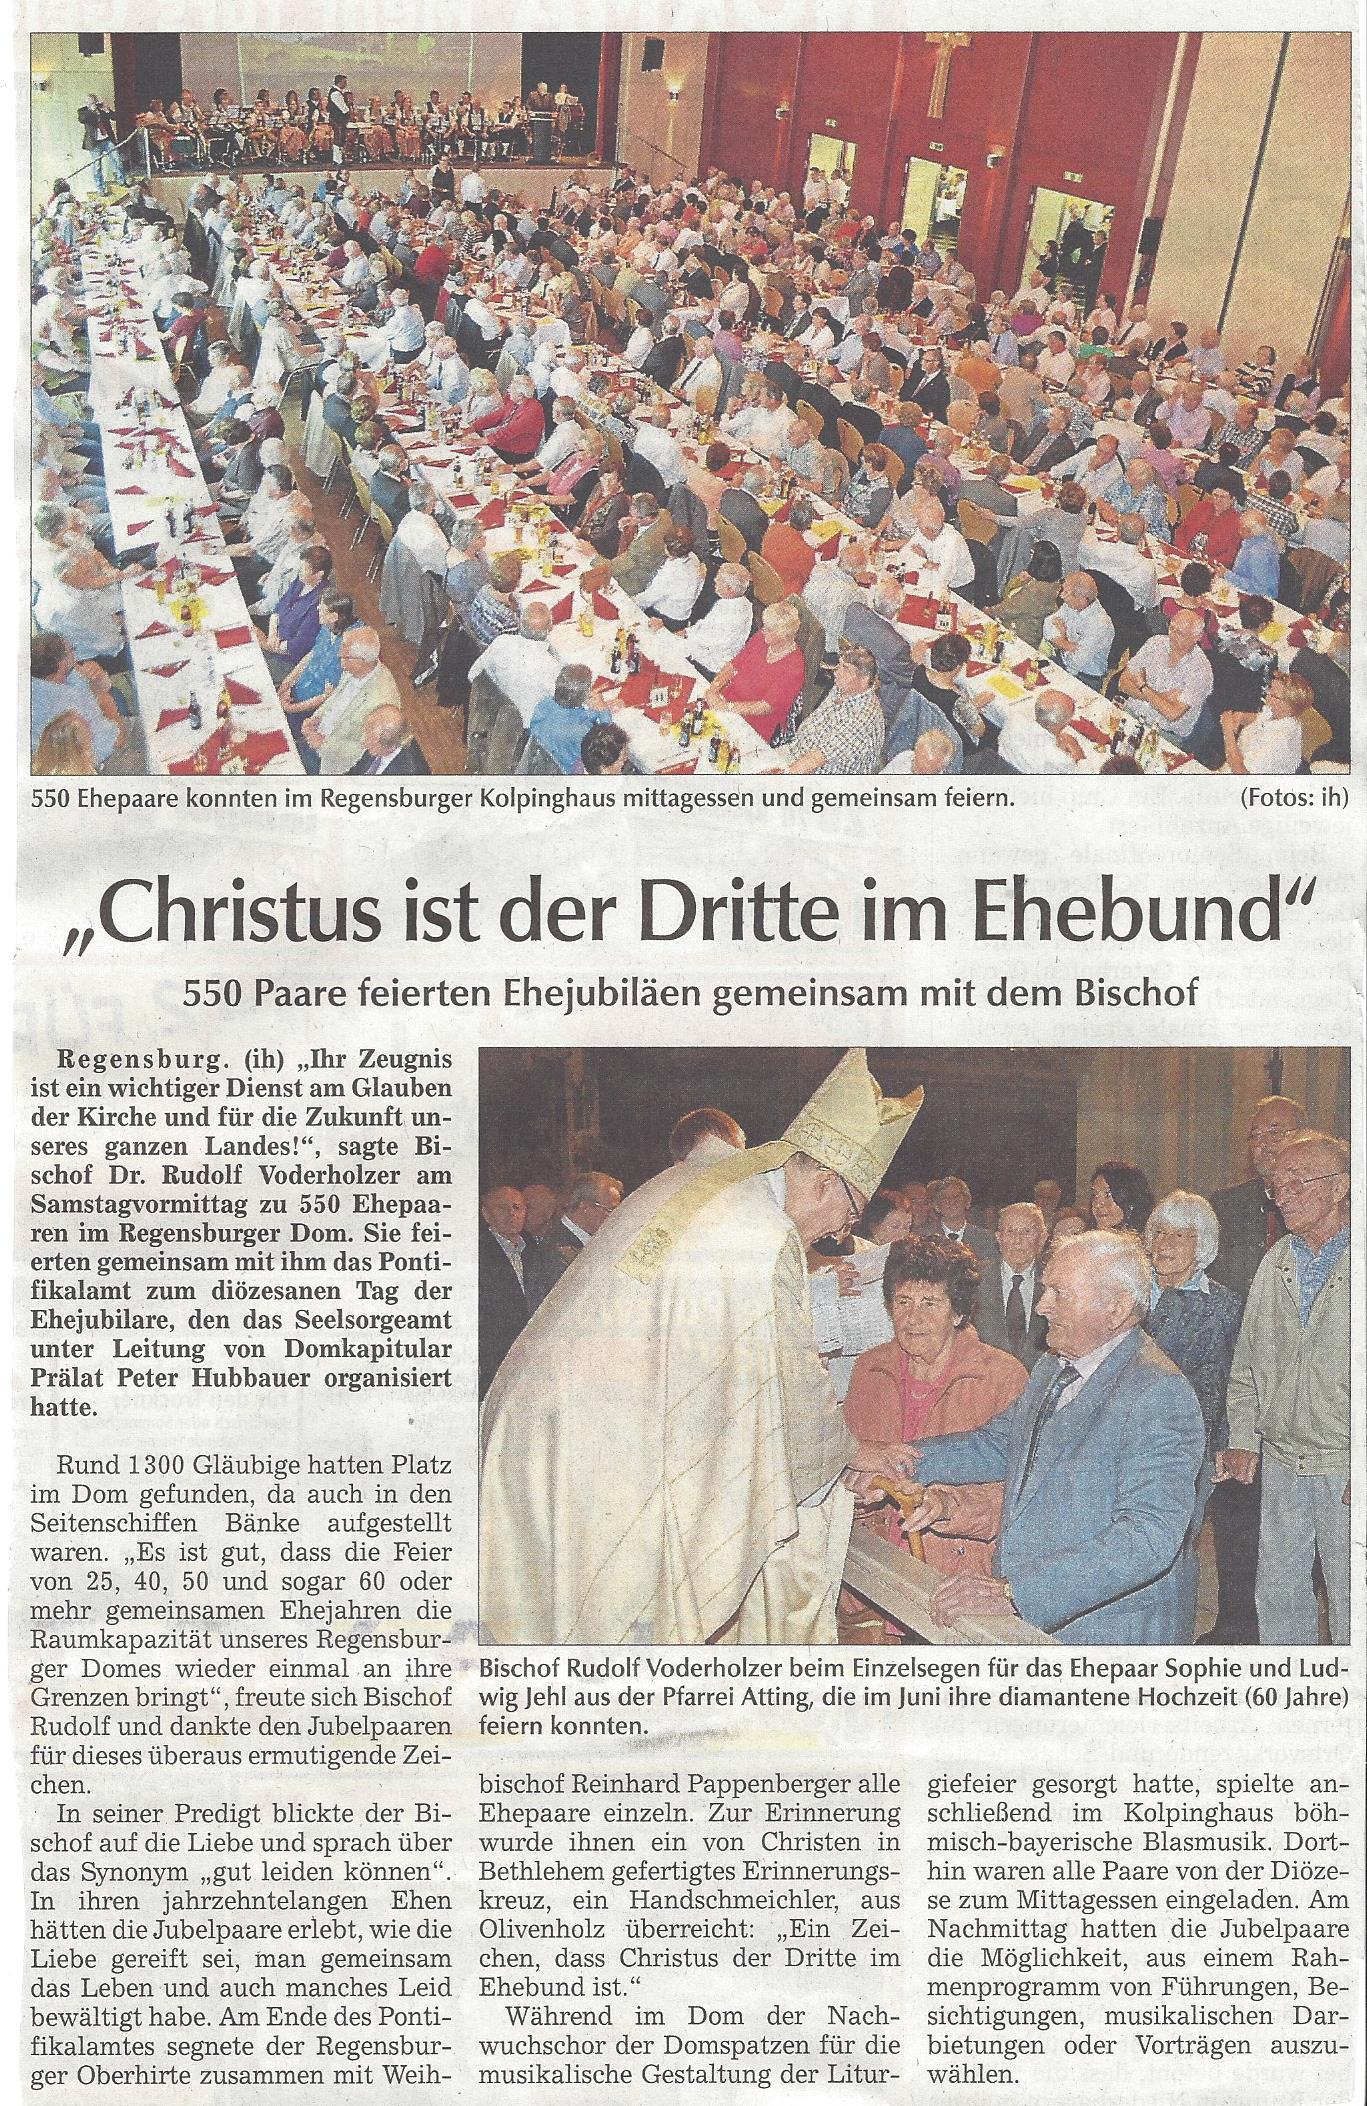 presseartikel_attinger_beim_ehejubiläum_der_diözese_in_regensburg